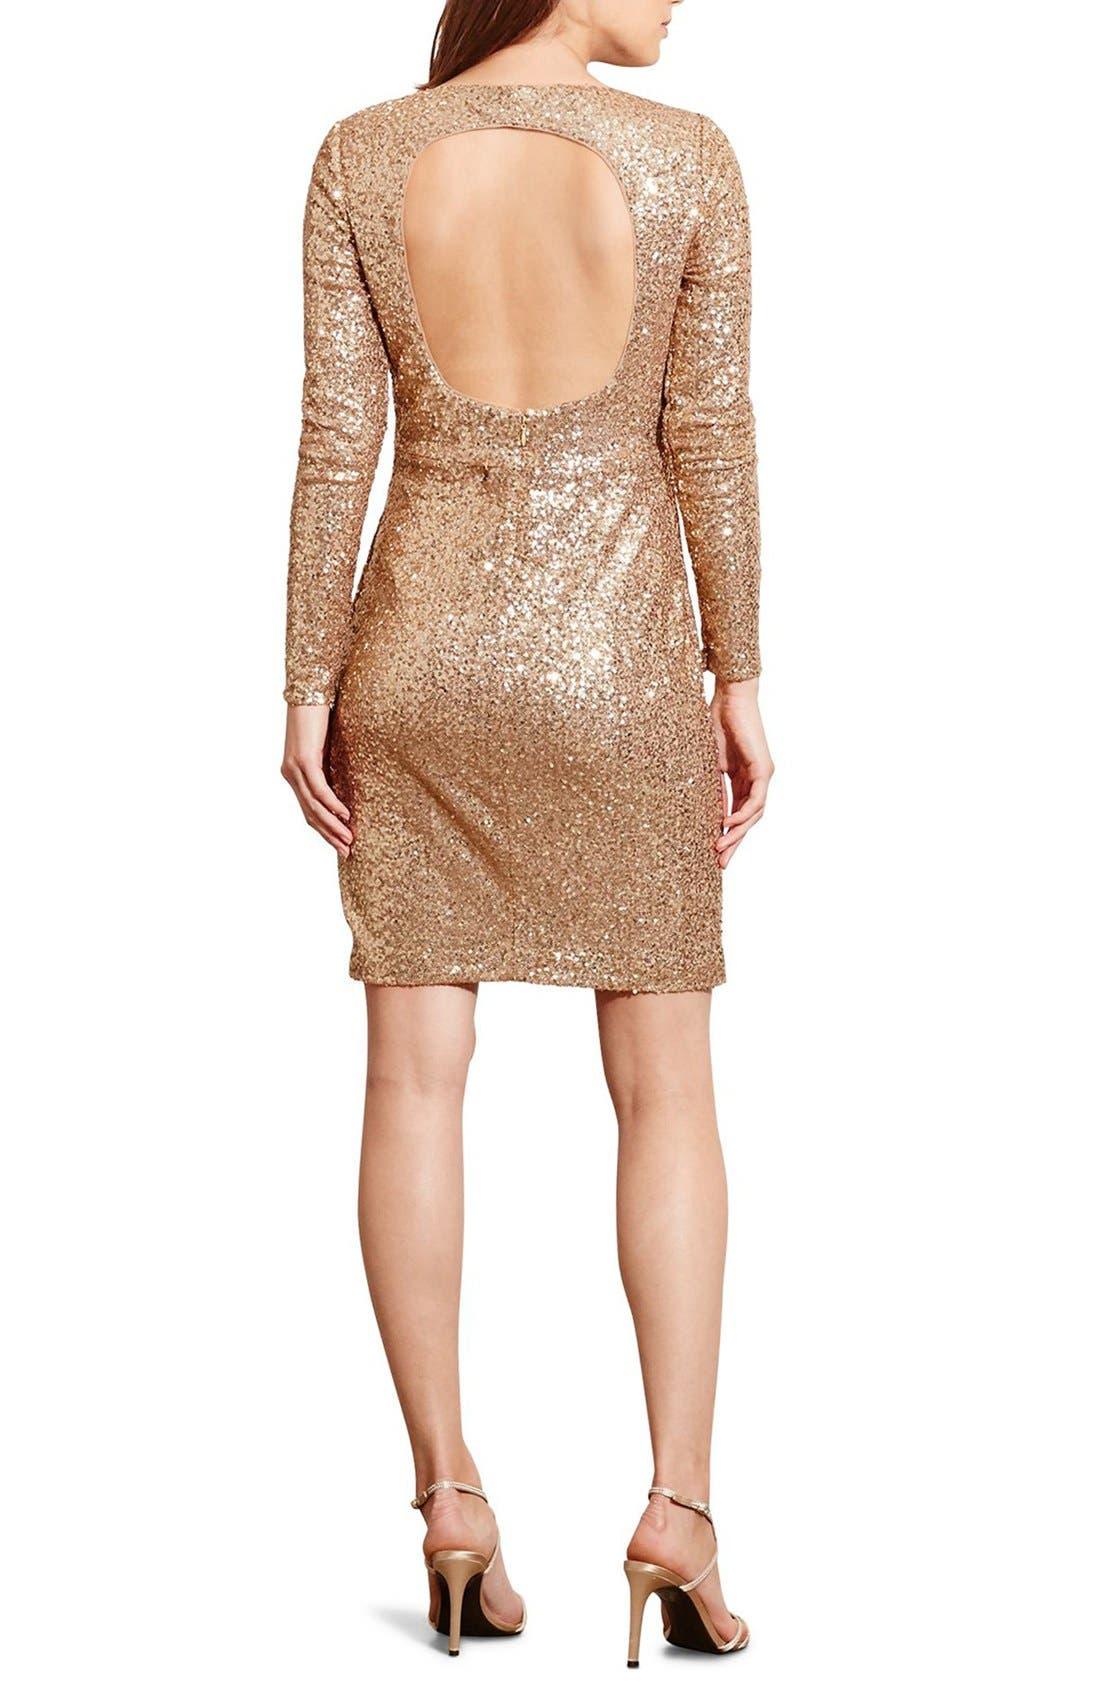 Alternate Image 2  - Lauren Ralph Lauren Backless Sequin Dress (Petite)